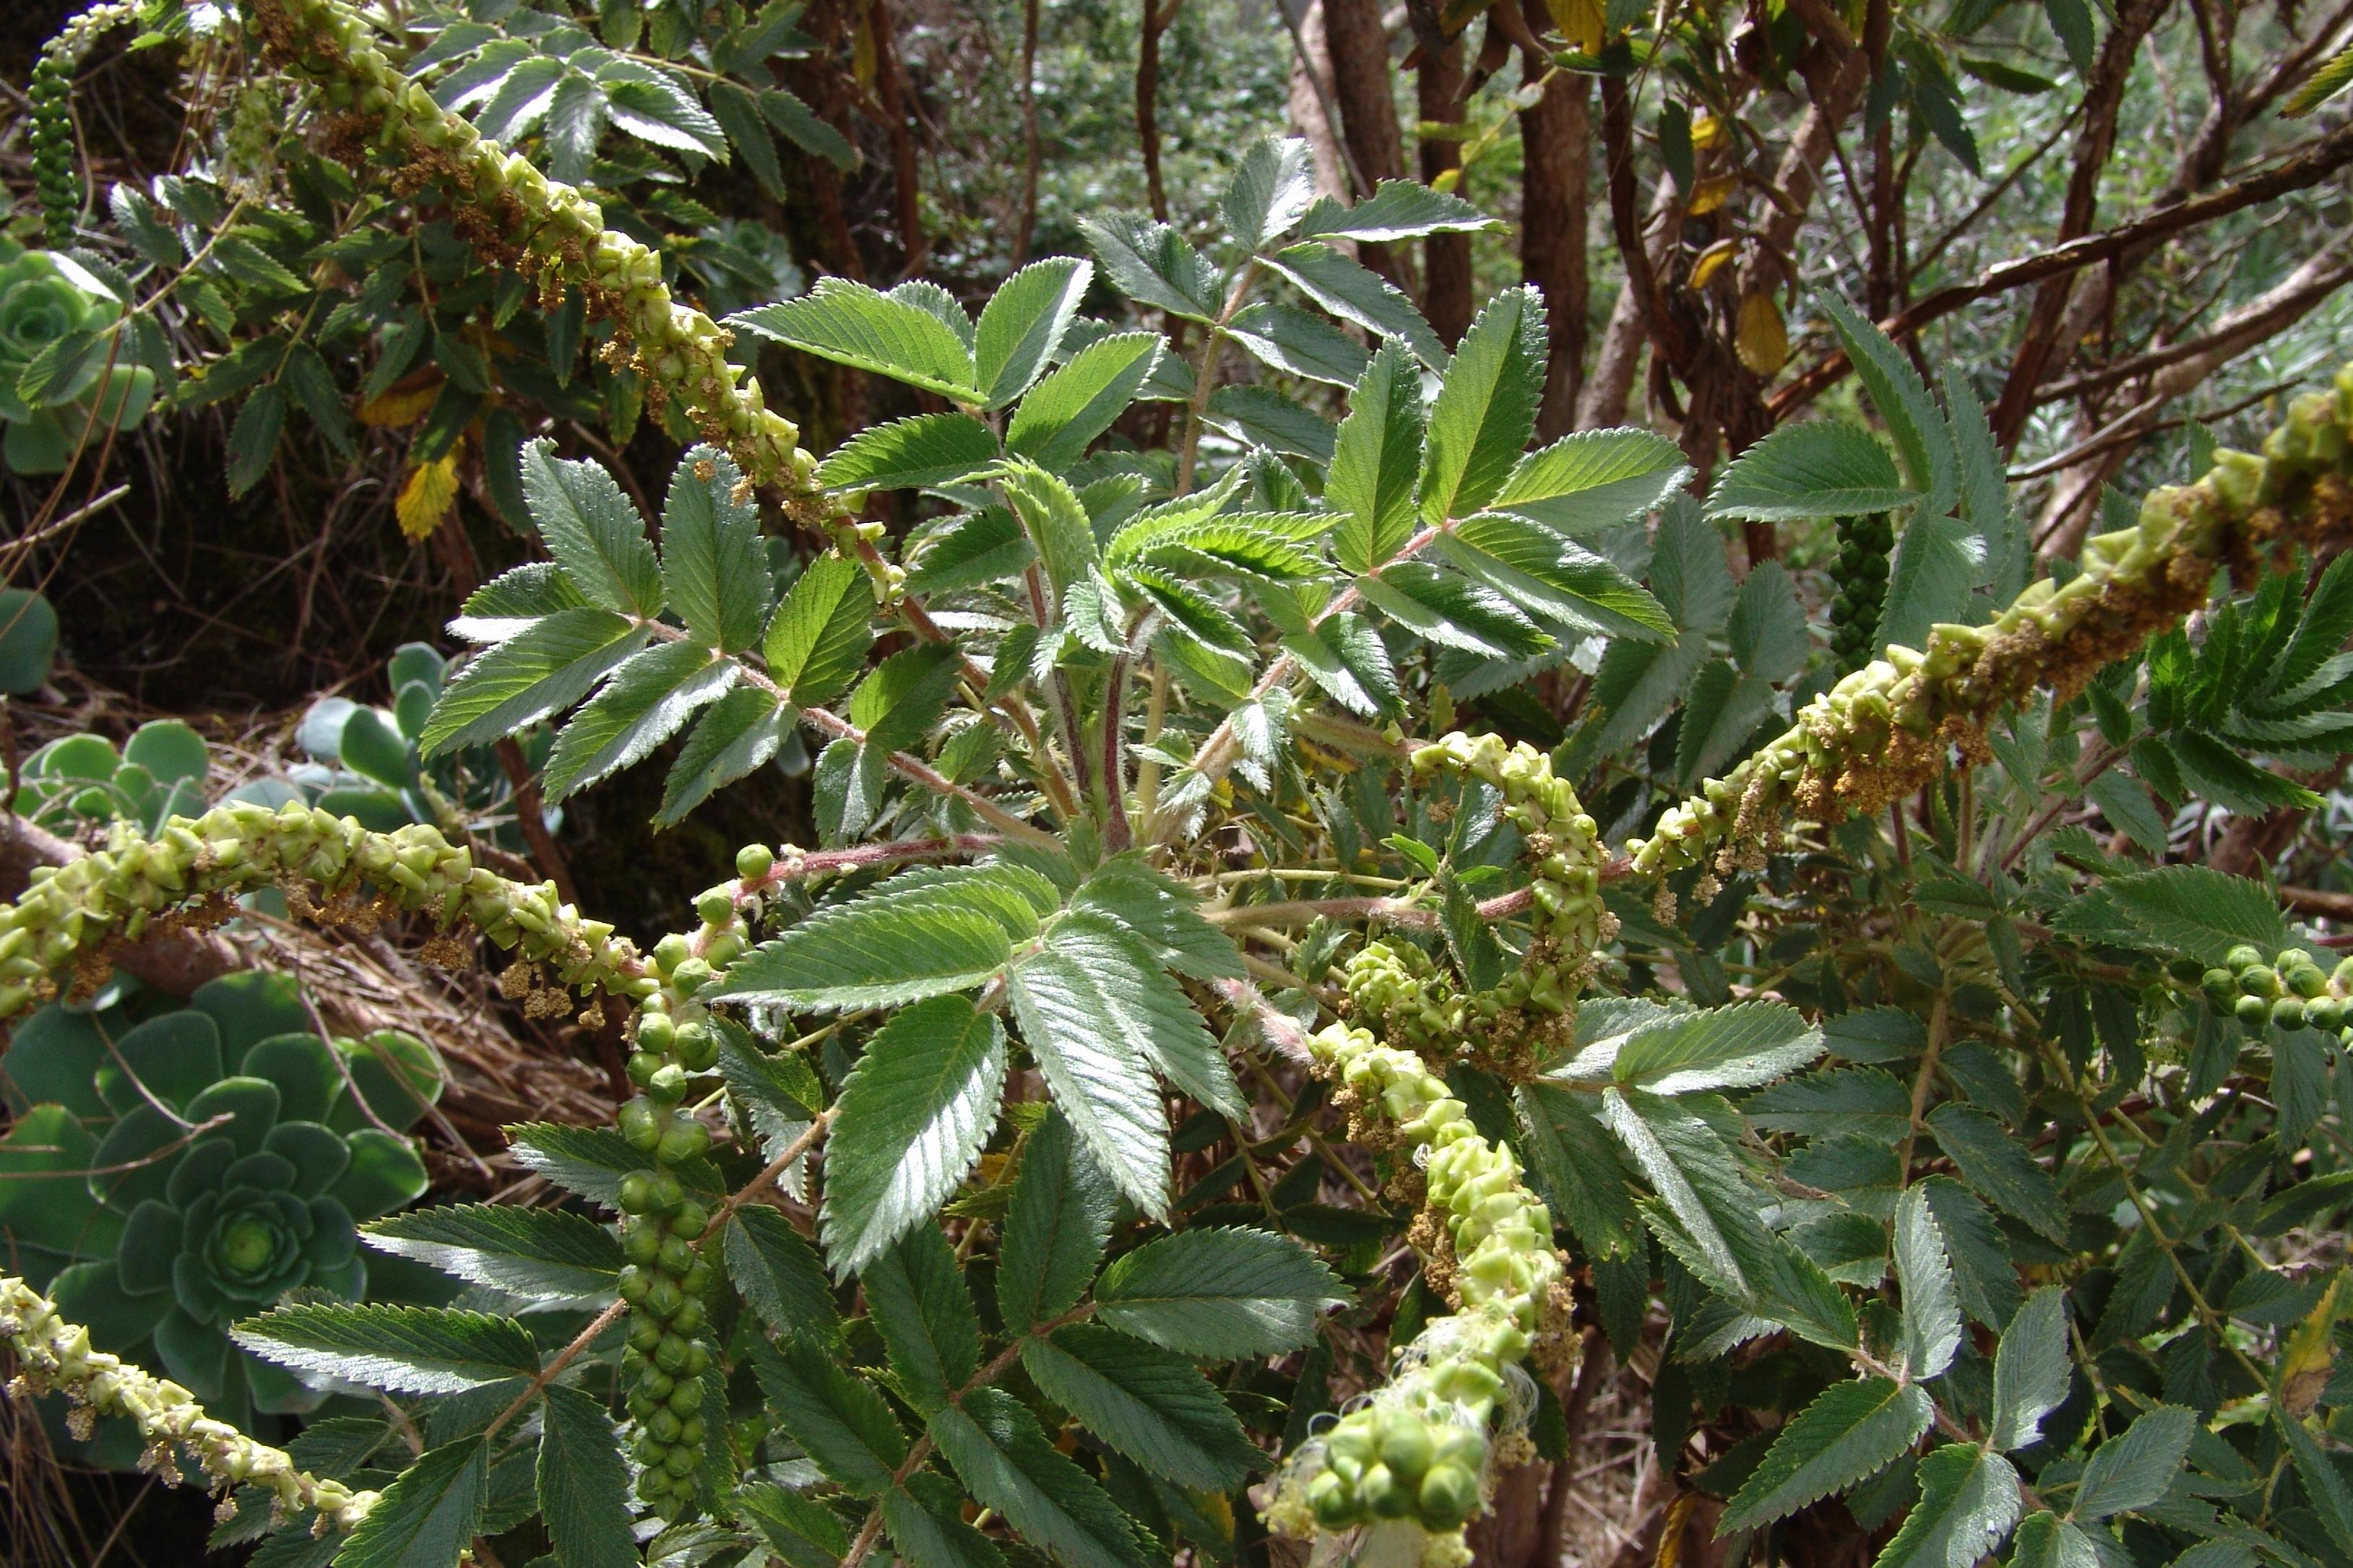 dsc07443-flor-fruto-bencomia-10-2.jpg